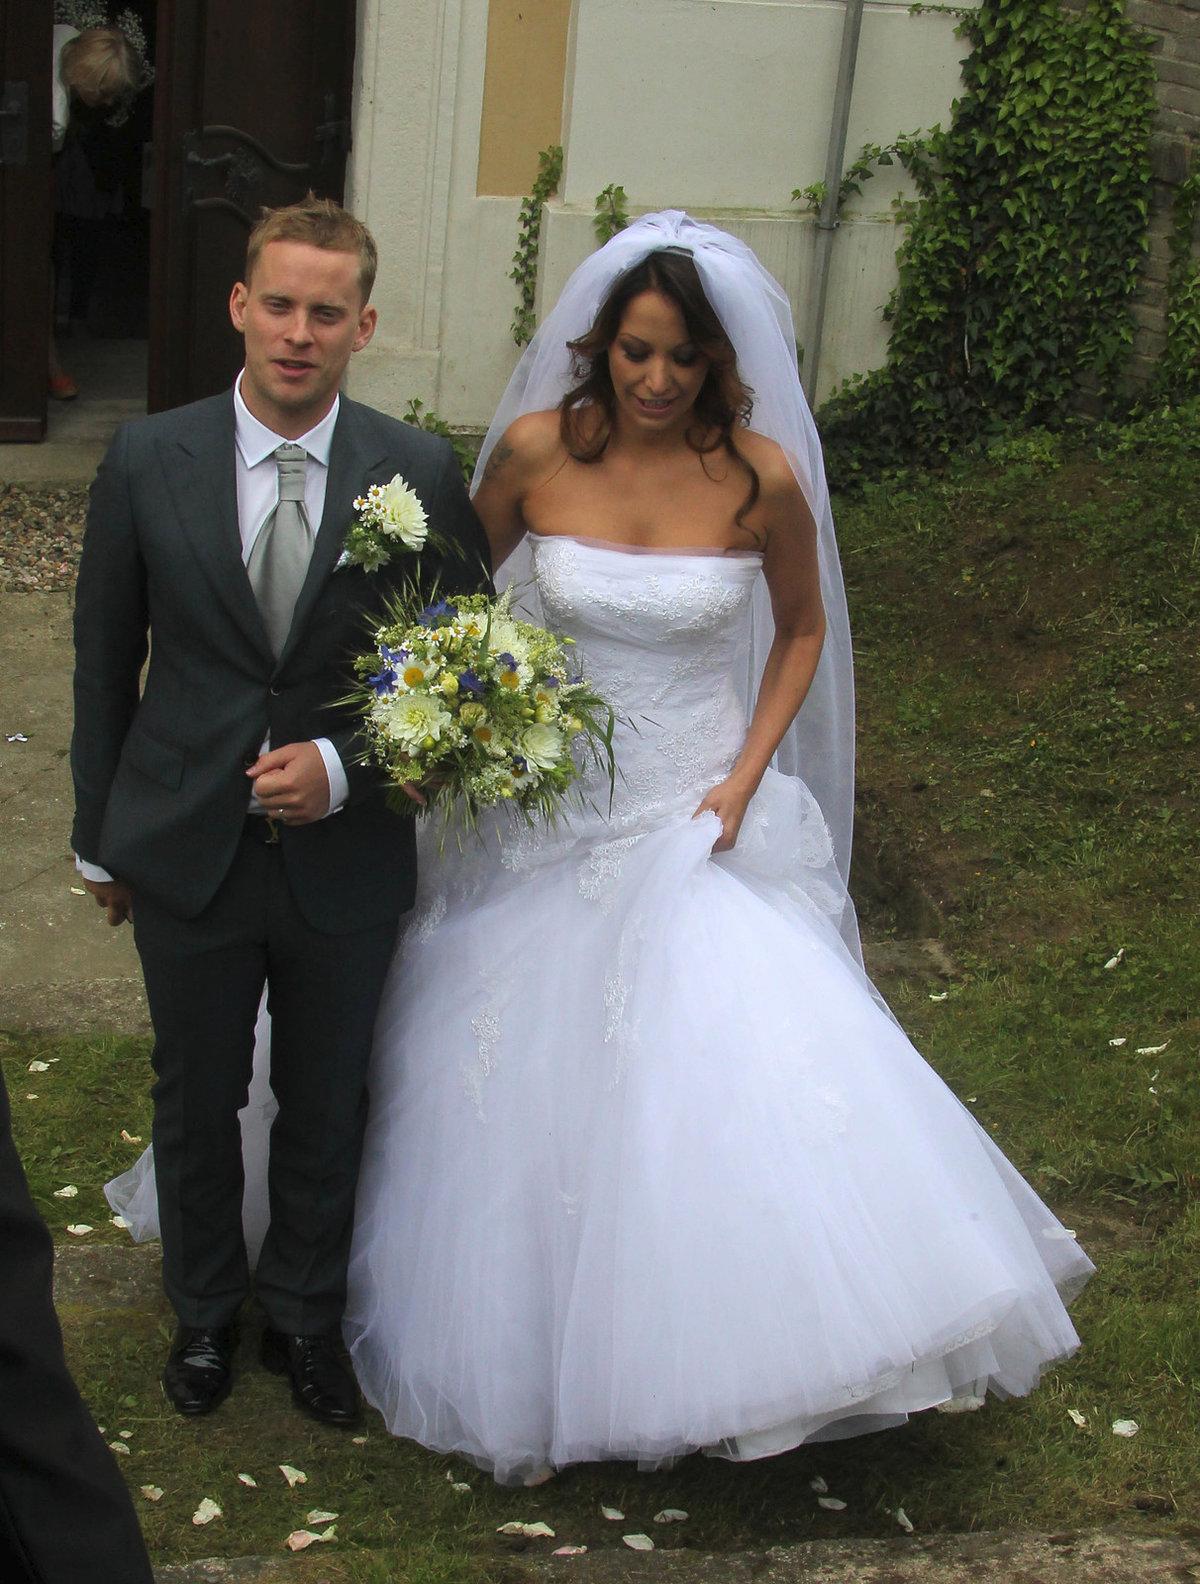 Agáta ve svatebním po boku svého manžela Jakuba Prachaře